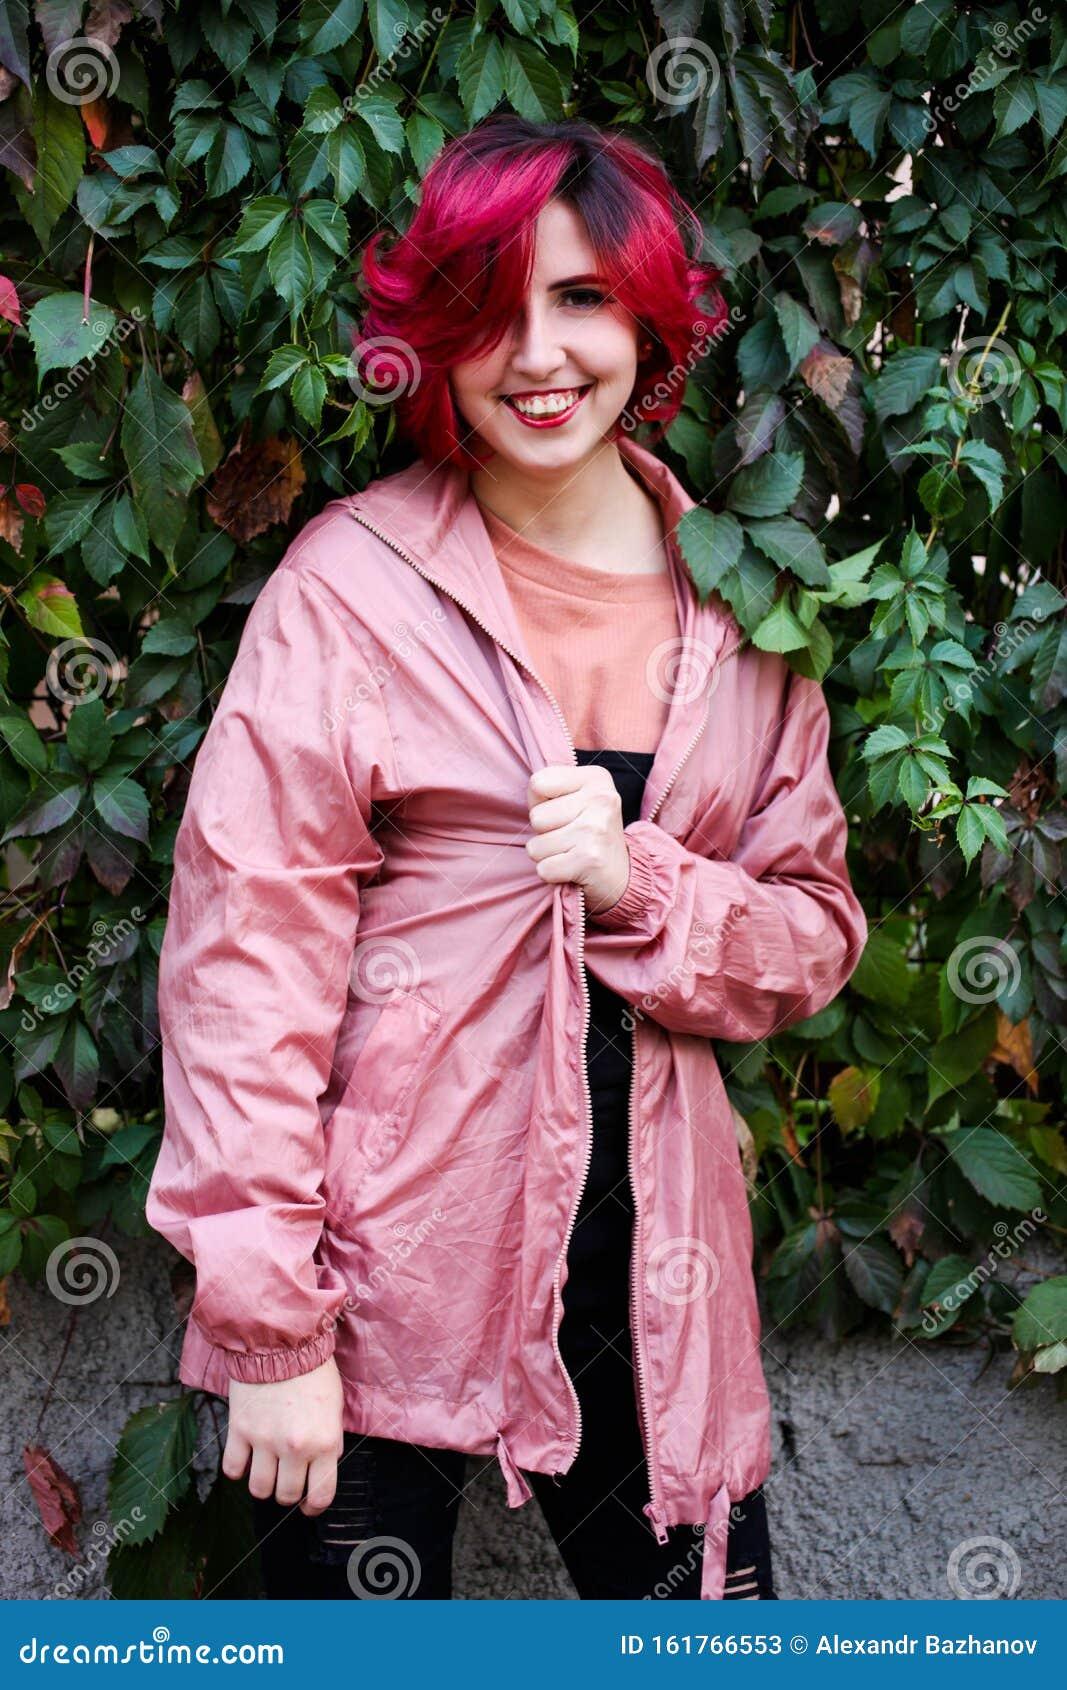 Веб девушка модель розовые волосы вебкам эротика видео веб моделей